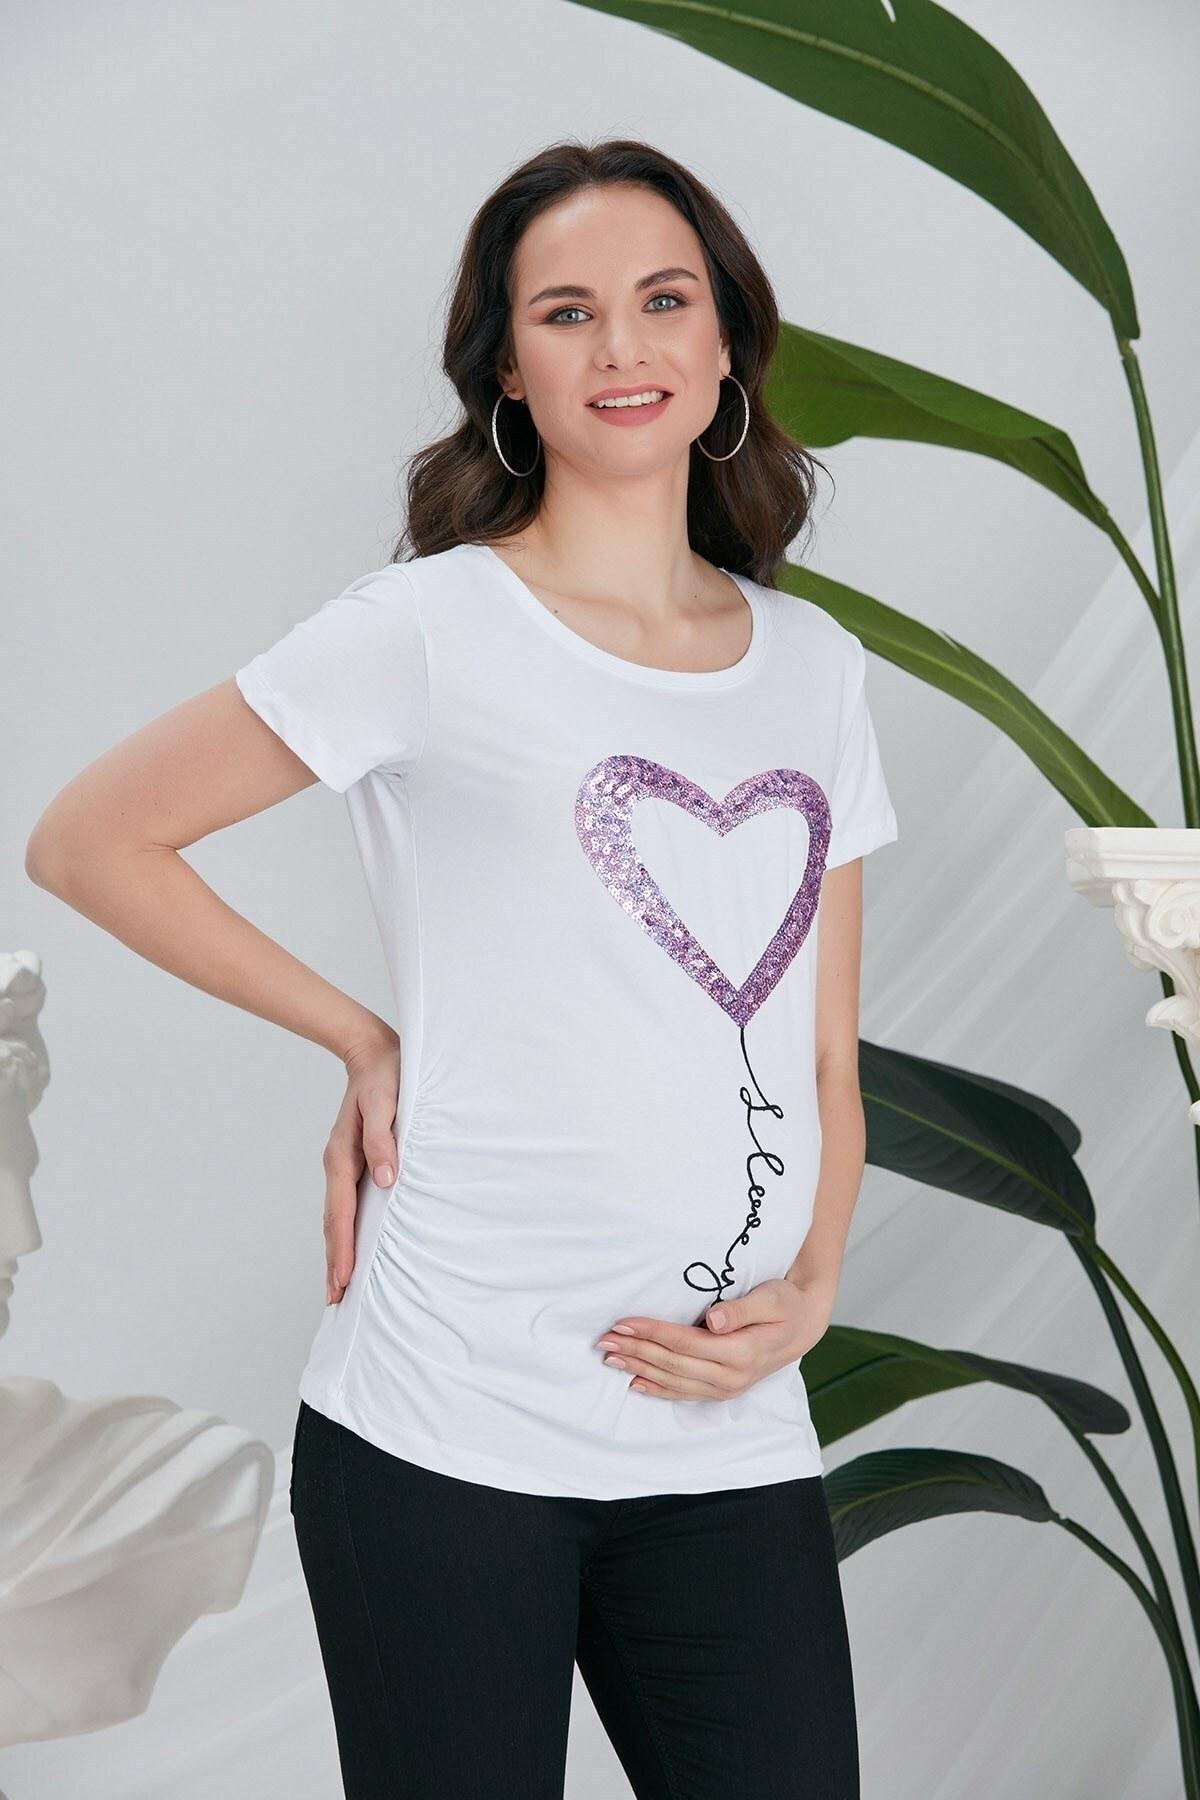 تصویر تیشرت بارداری طرحدار قلب پولکی قلاب دوزی شده سفید برند Görsin Hamile کد 1622470331